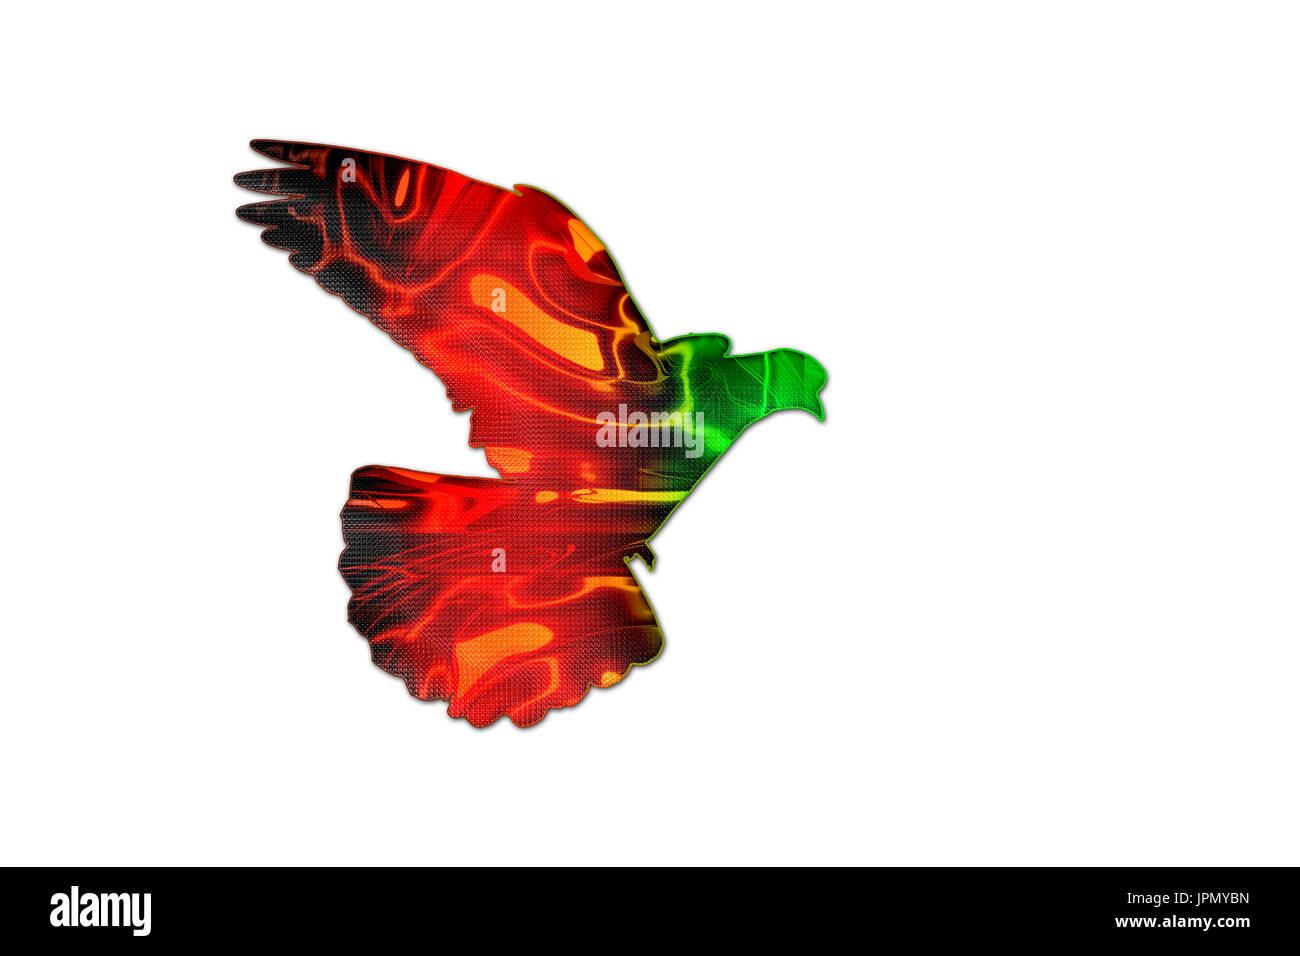 Farben Der Afghanischen Flagge Auf Die Silhouette Der Taube